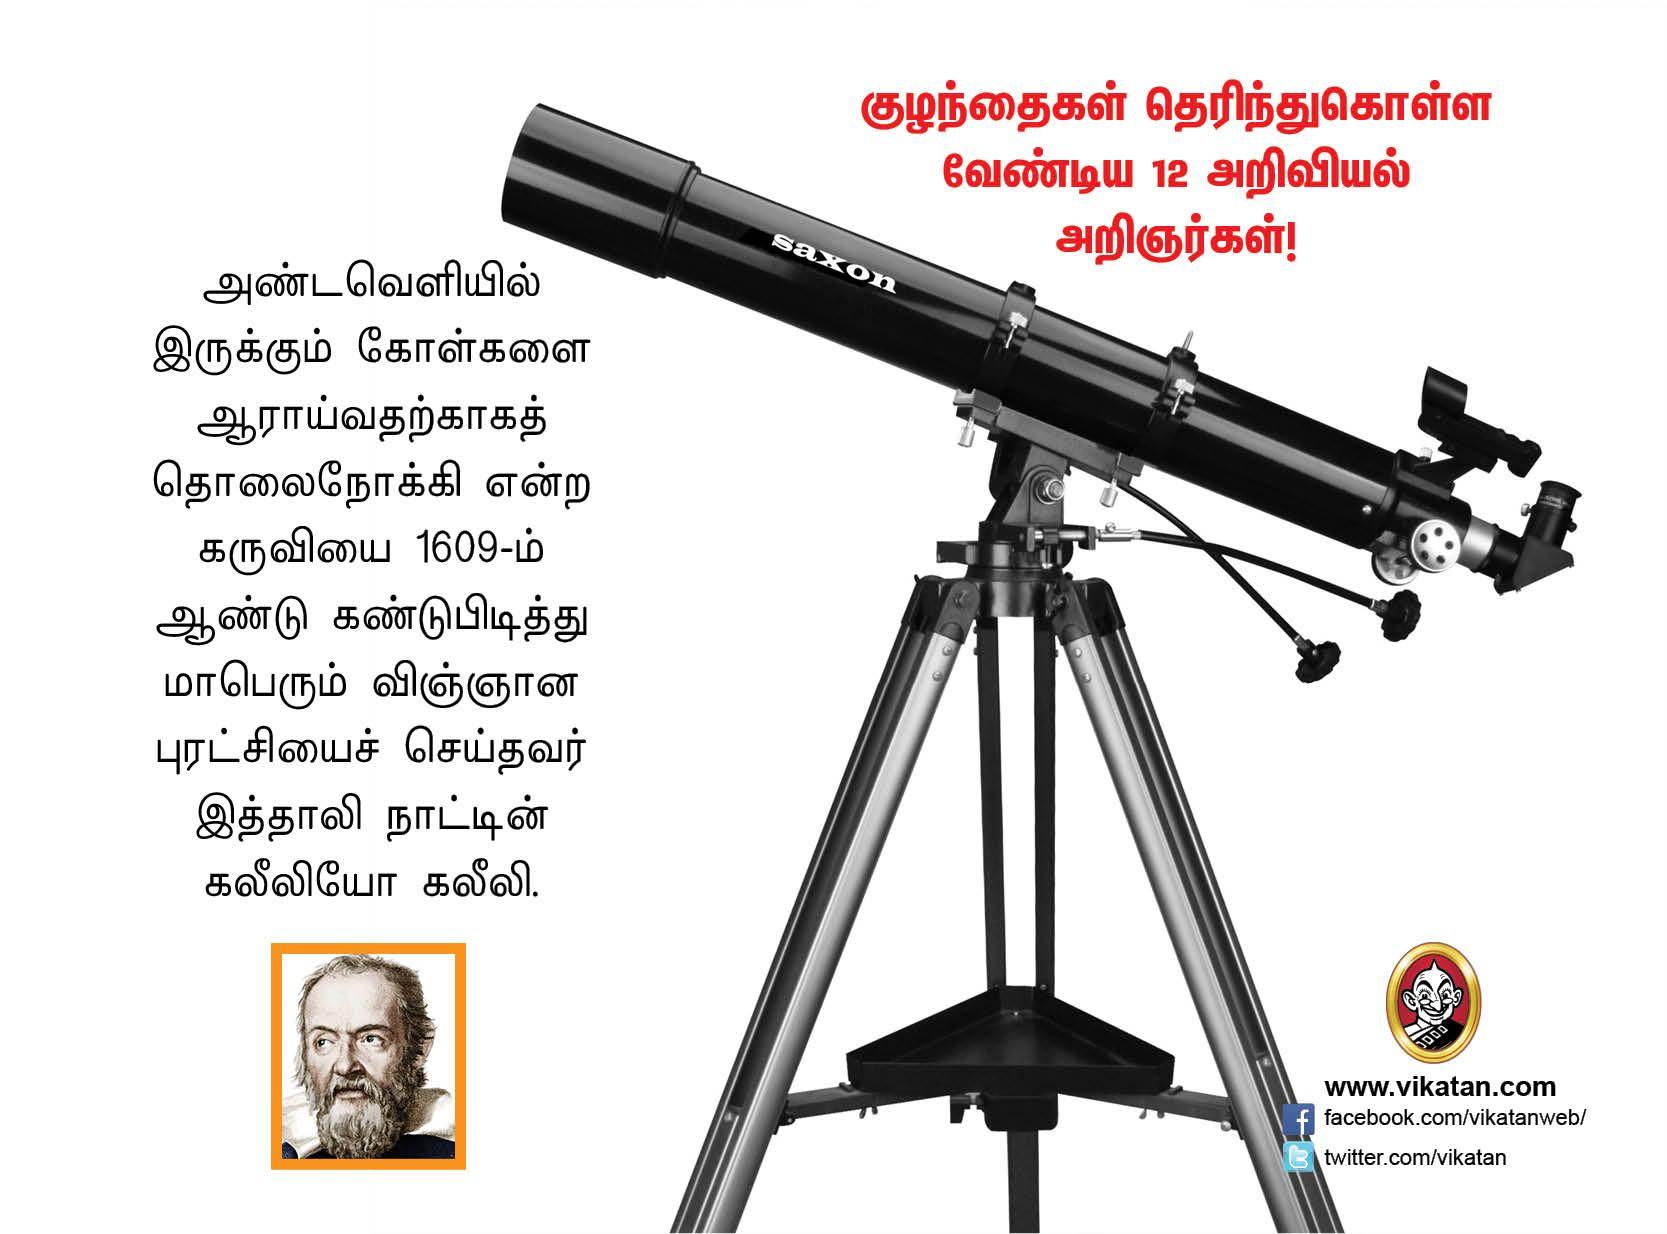 குழந்தைகள் தெரிந்து கொள்ள வேண்டிய 12 அறிவியல் அறிஞர்கள்! #VikatanPhotoCards